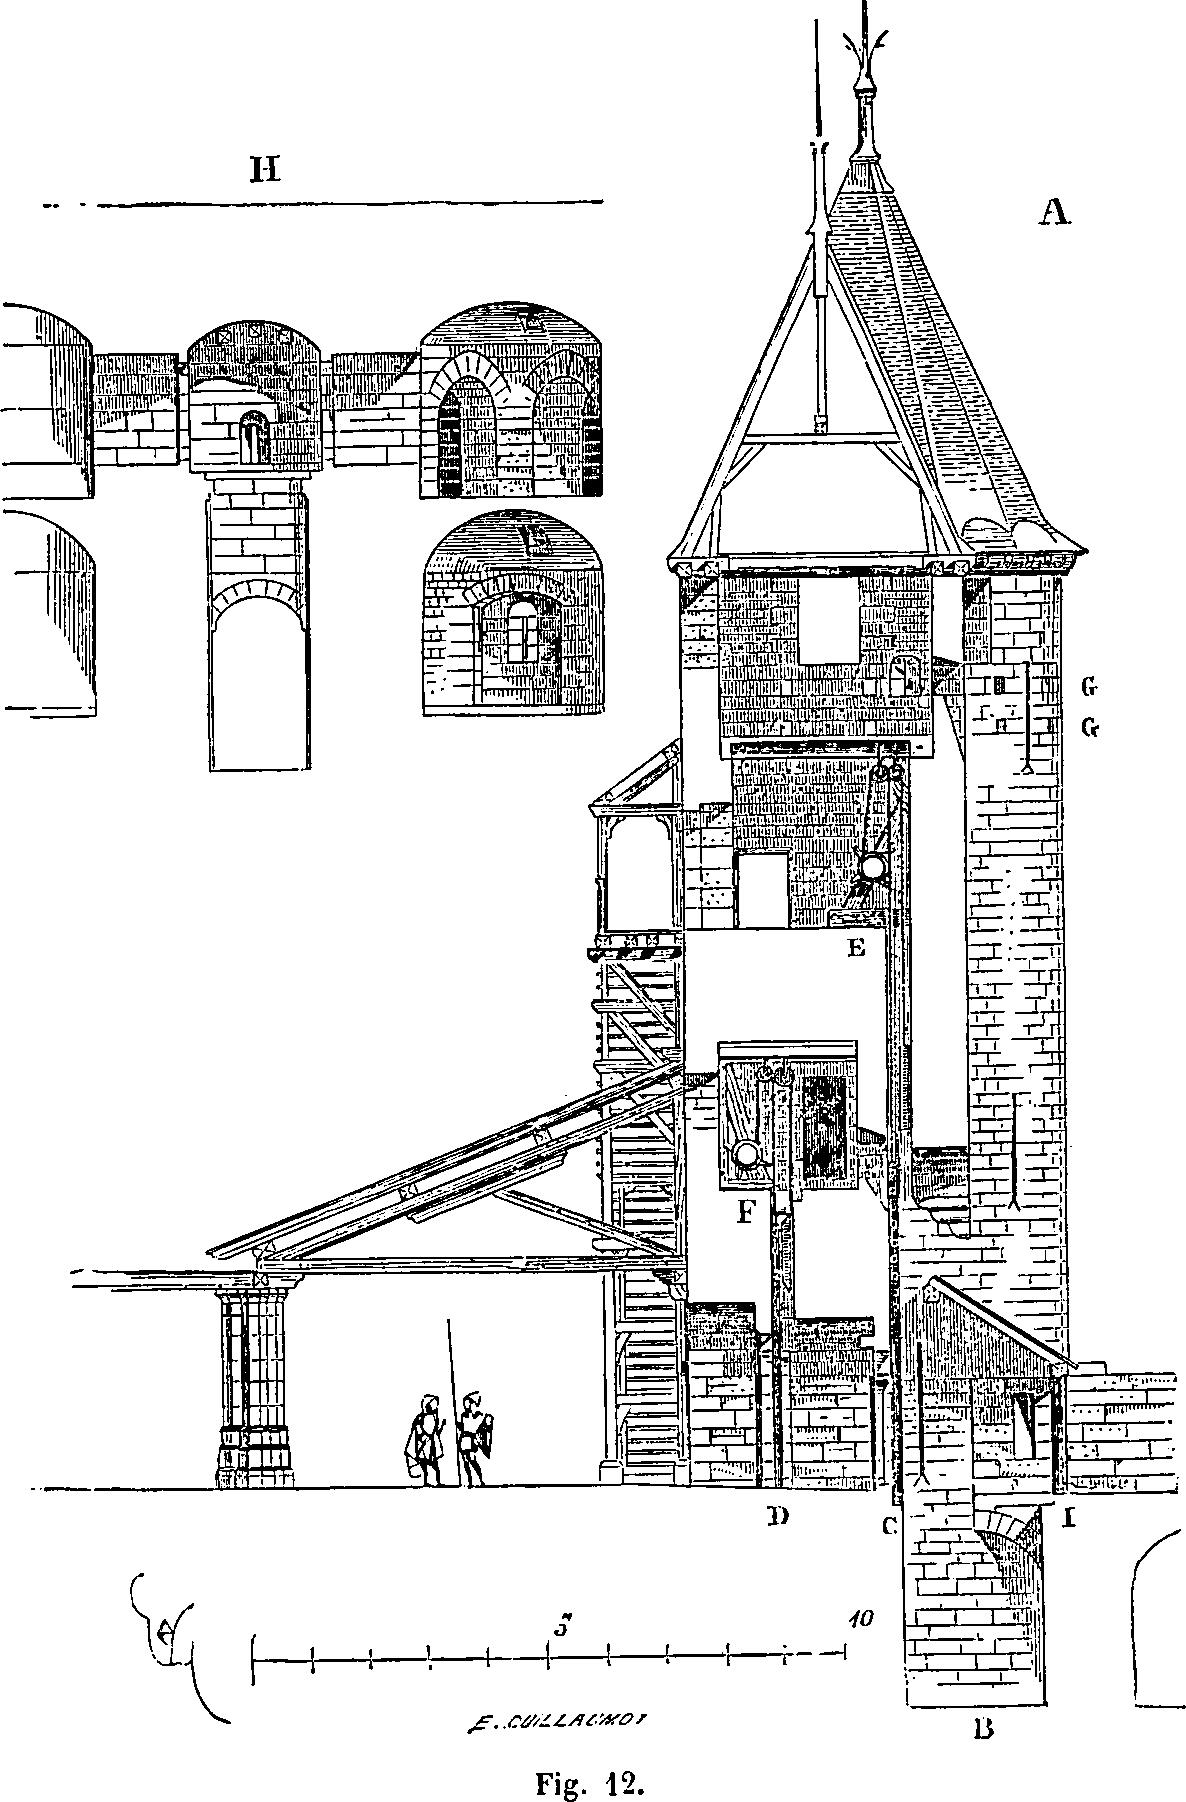 Https Upload Wikimedia Org Wikipedia Commons 9 91 La Cite De Carcassonne Figure 12 Png Castillo Medieval Castillos Ilustracion Historica